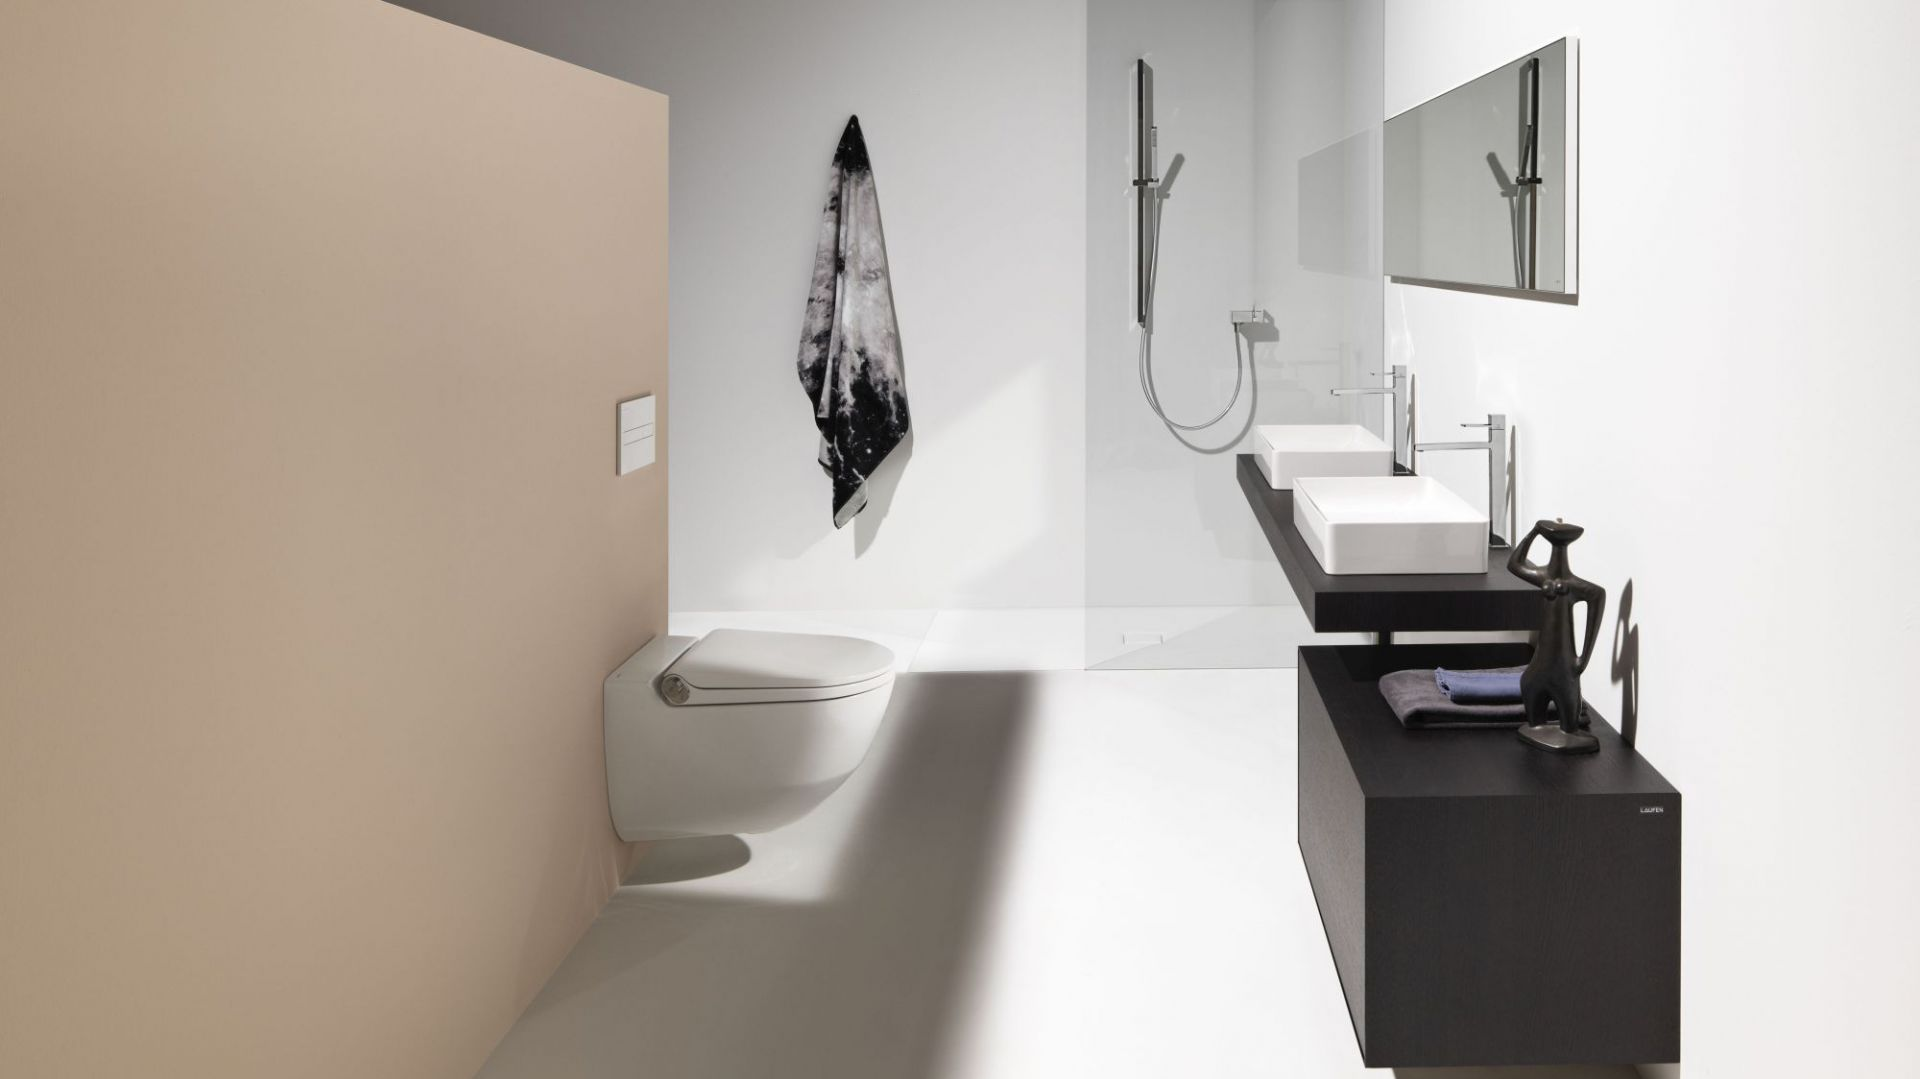 Mała łazienka: ceramika dedykowana do wnętrz o niewielkim metrażu. Fot. Laufen